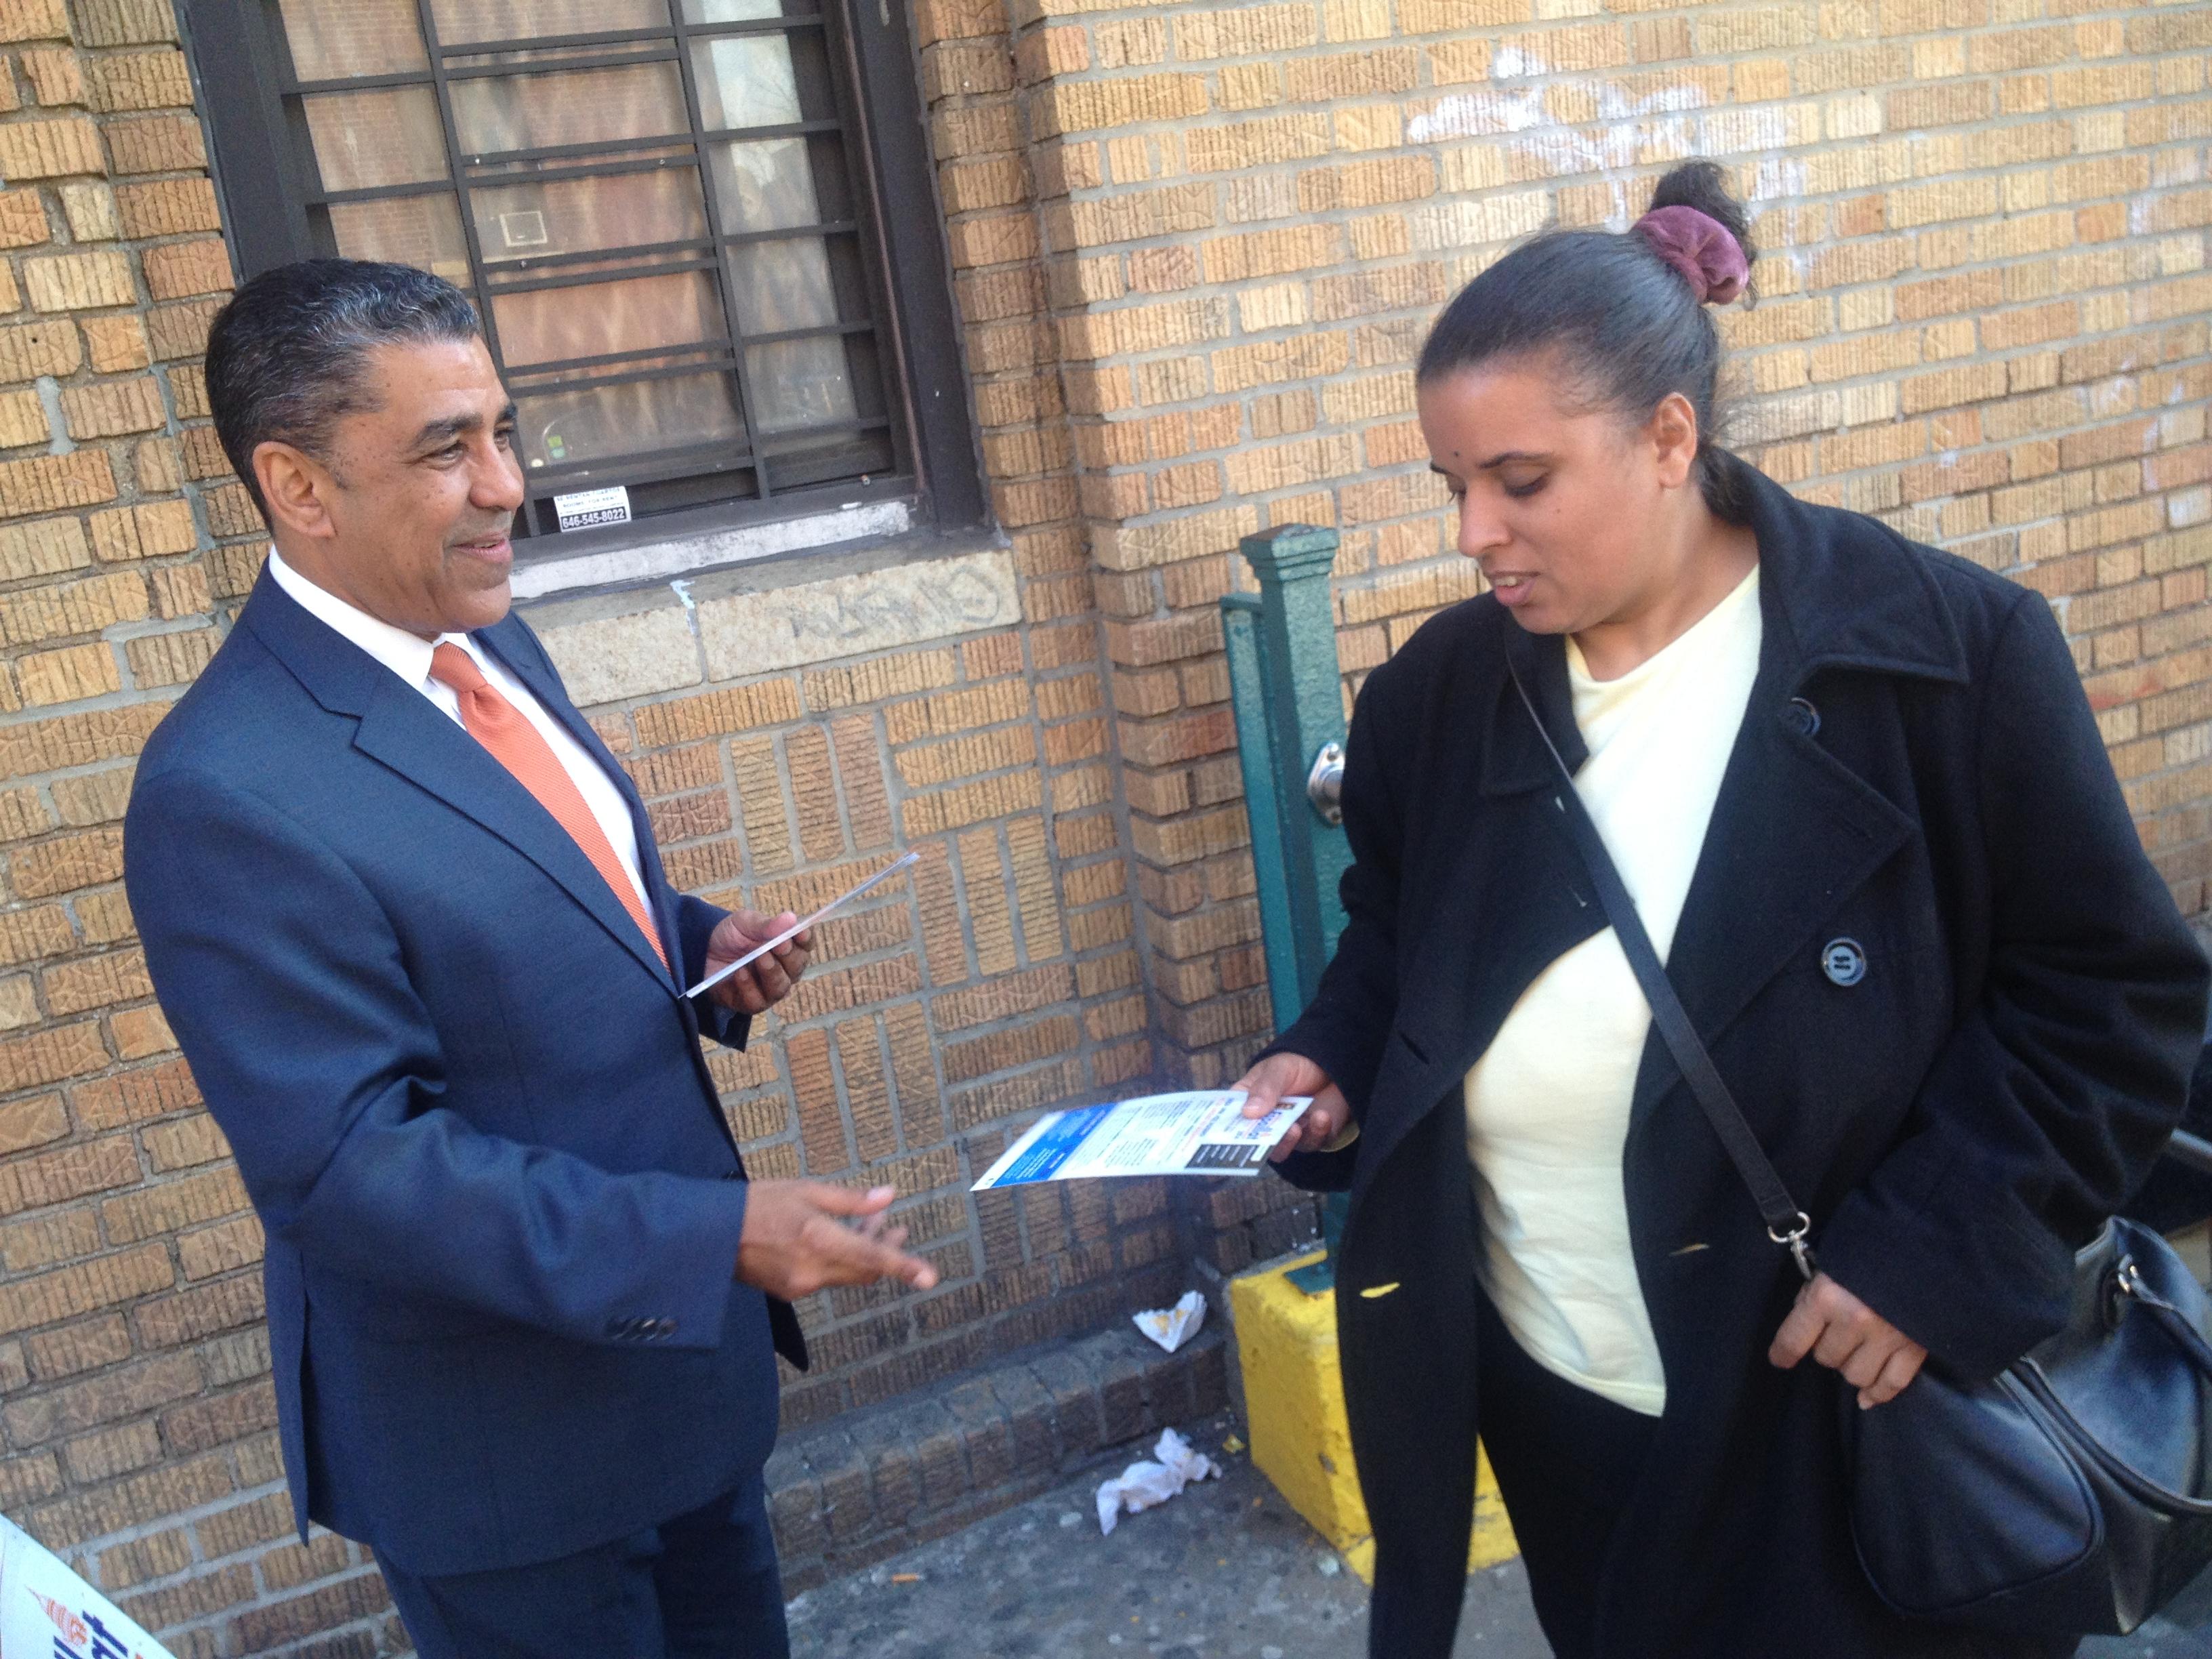 BronxTalk | Bronx Matters - 2886.0KB